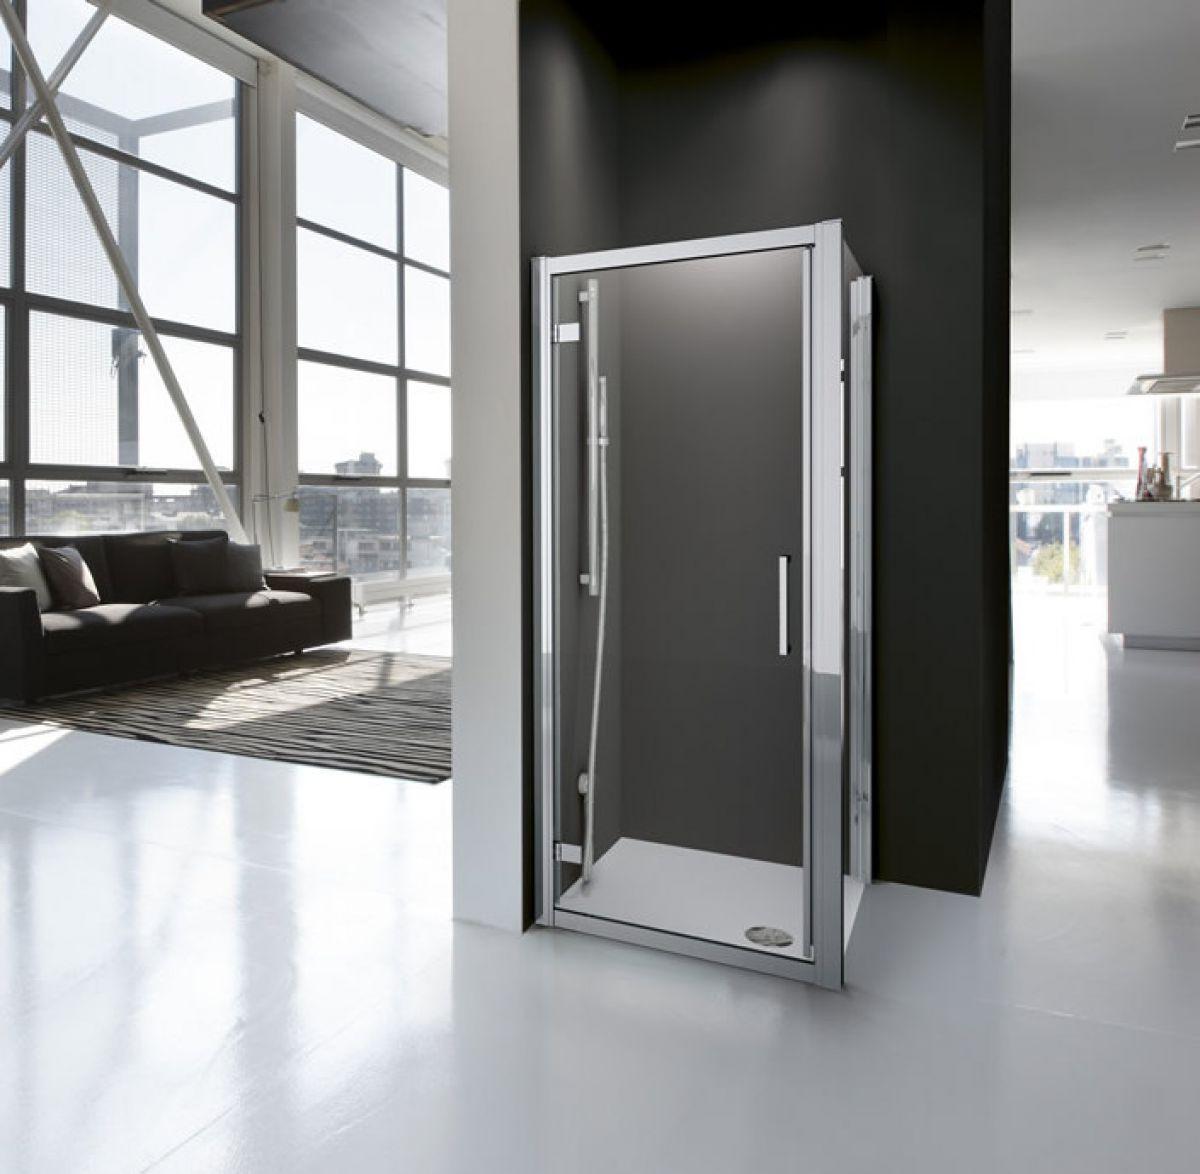 Novellini kuadra g contemporary pivot shower door for Novellini shower doors